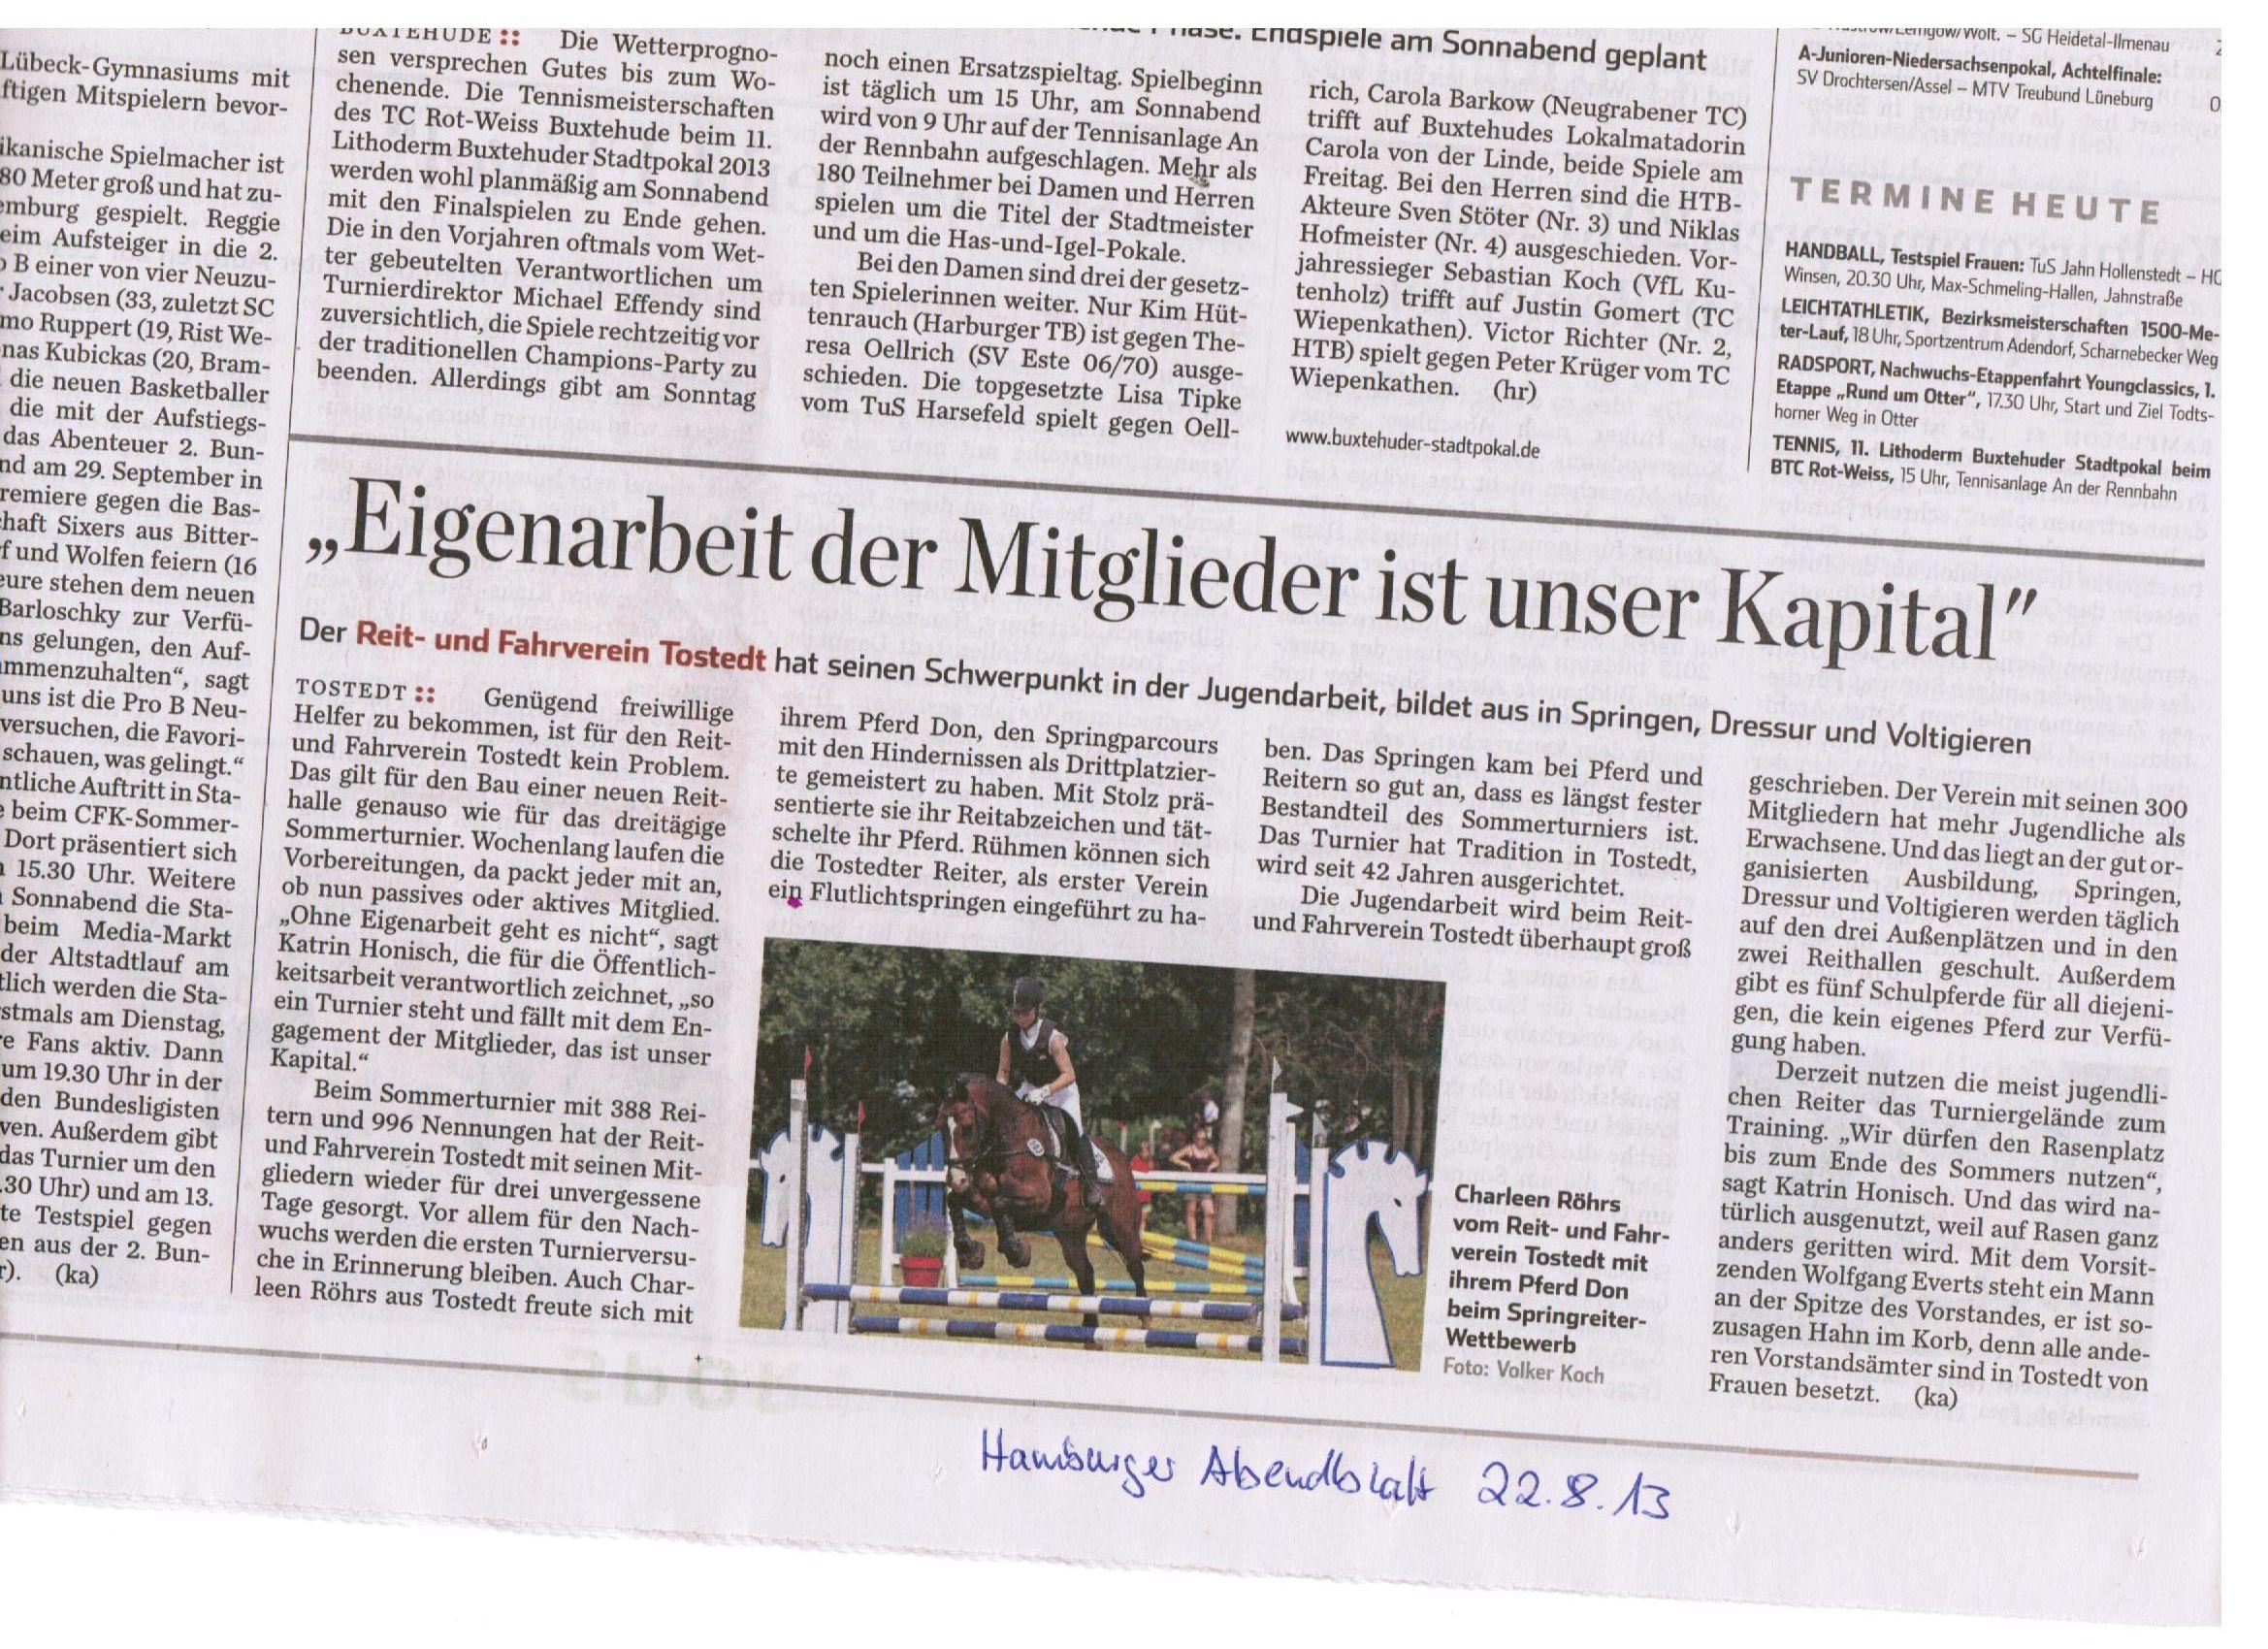 Abendblatt-Artikel 22-08-2013 001